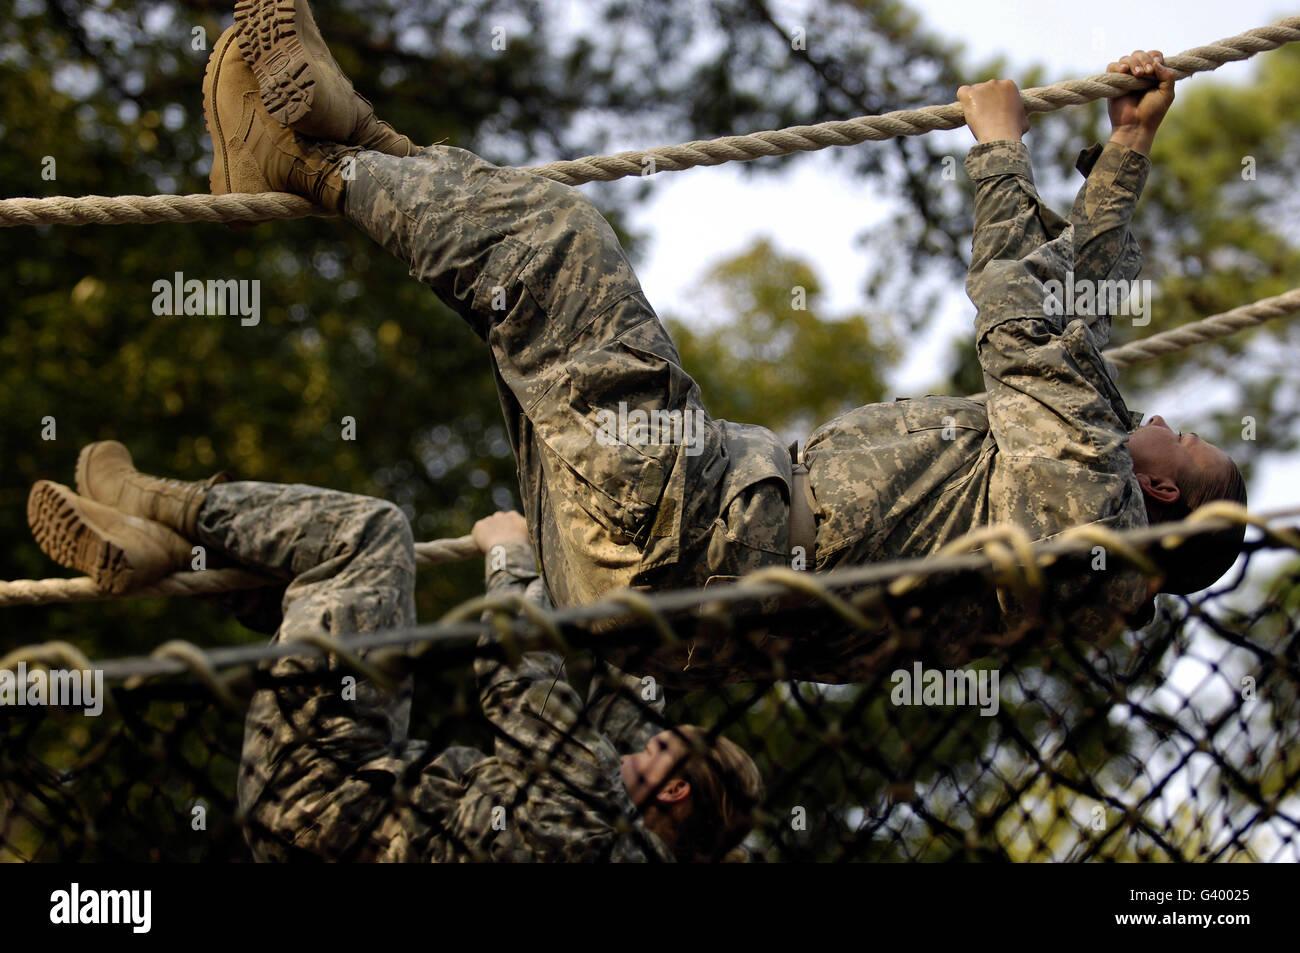 Los reclutas del Ejército de Estados Unidos que deambulan por una cuerda obstáculo durante el entrenamiento Imagen De Stock